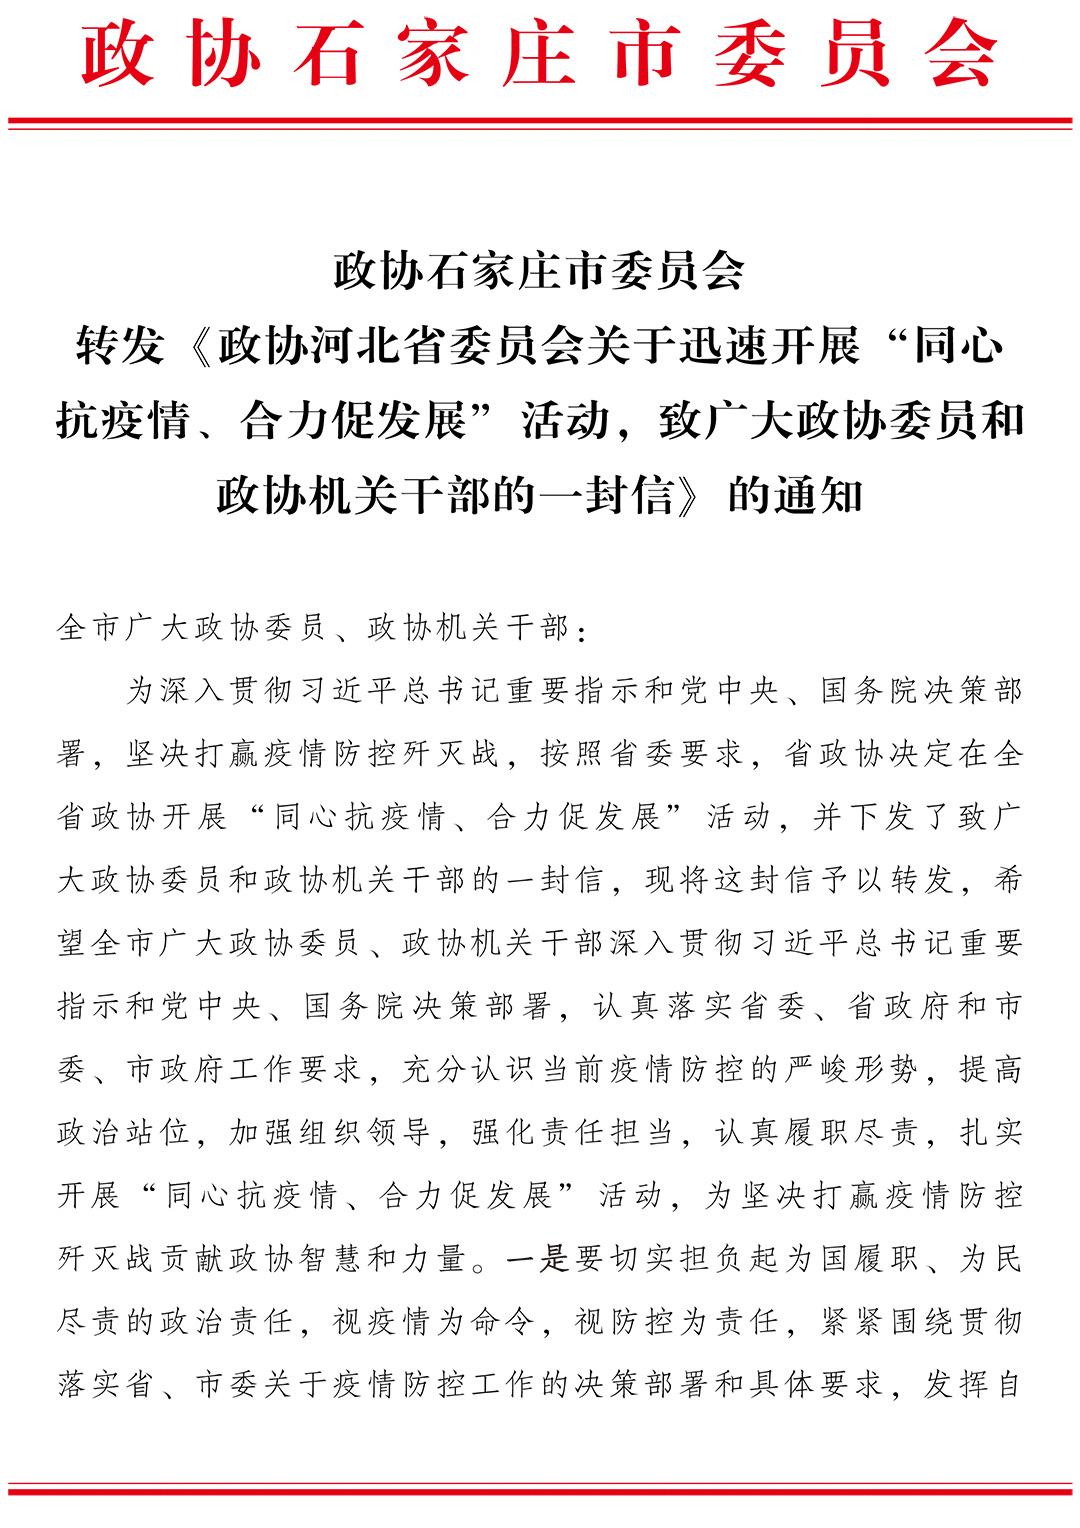 致广大政协委员的一封信-1.jpg